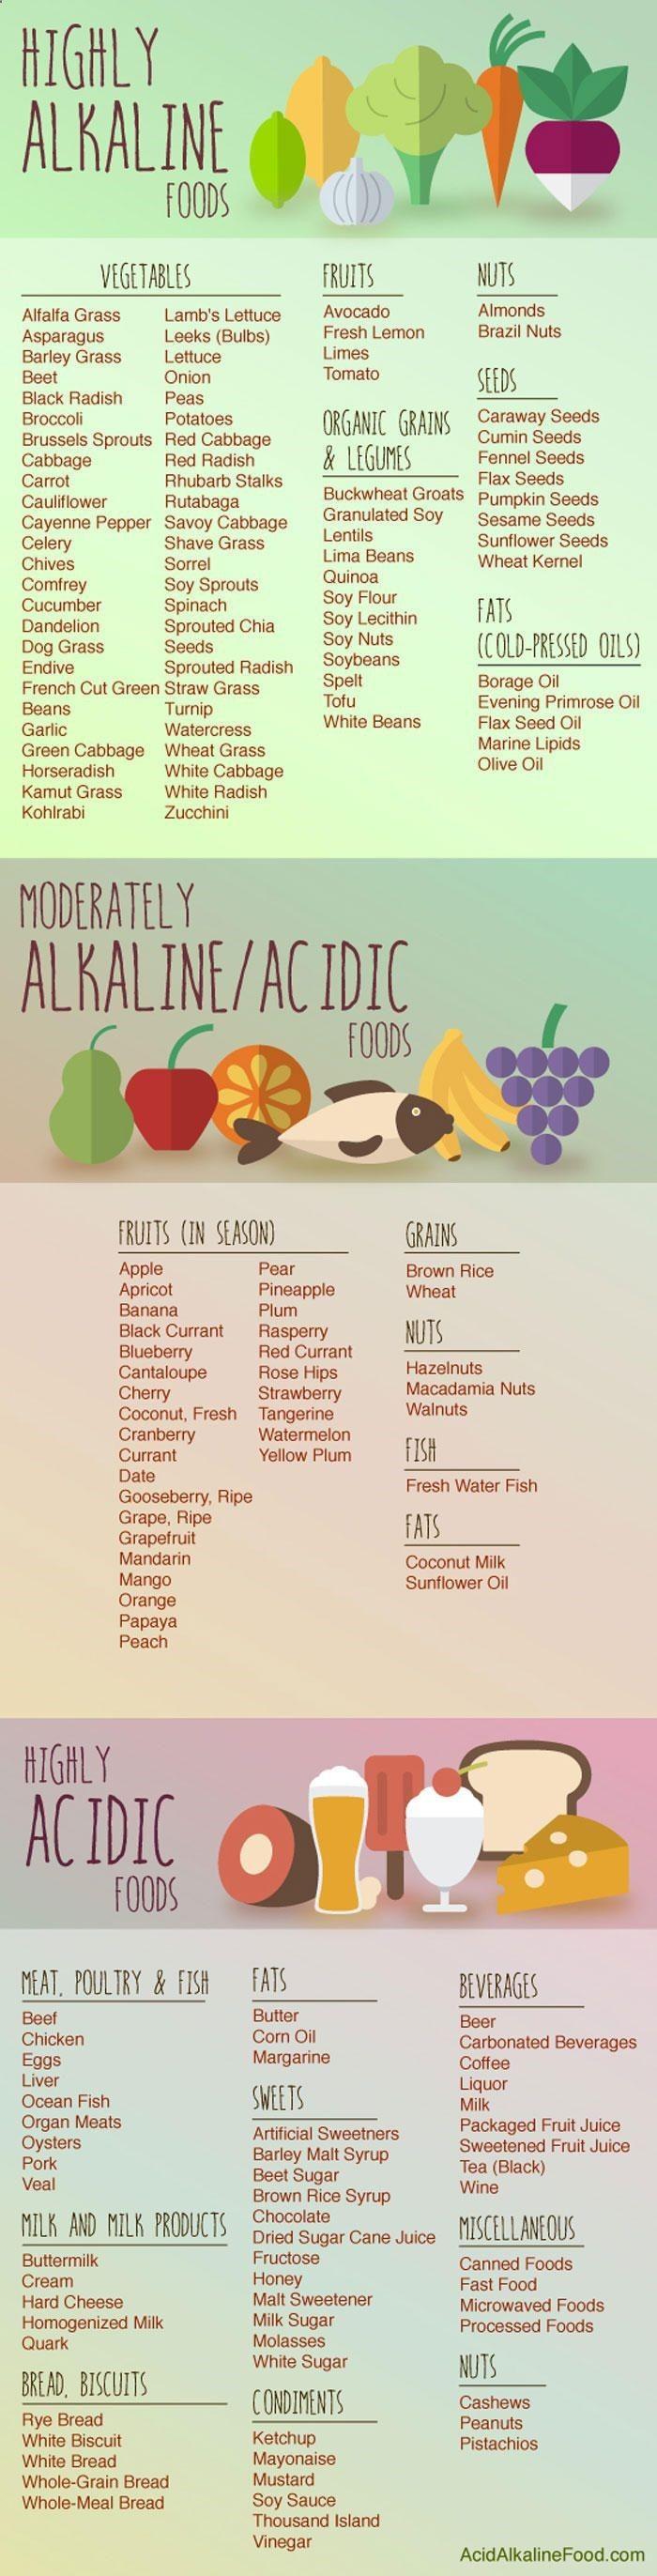 les 25 meilleures id es de la cat gorie aliments alcalins sur pinterest aliments acides. Black Bedroom Furniture Sets. Home Design Ideas